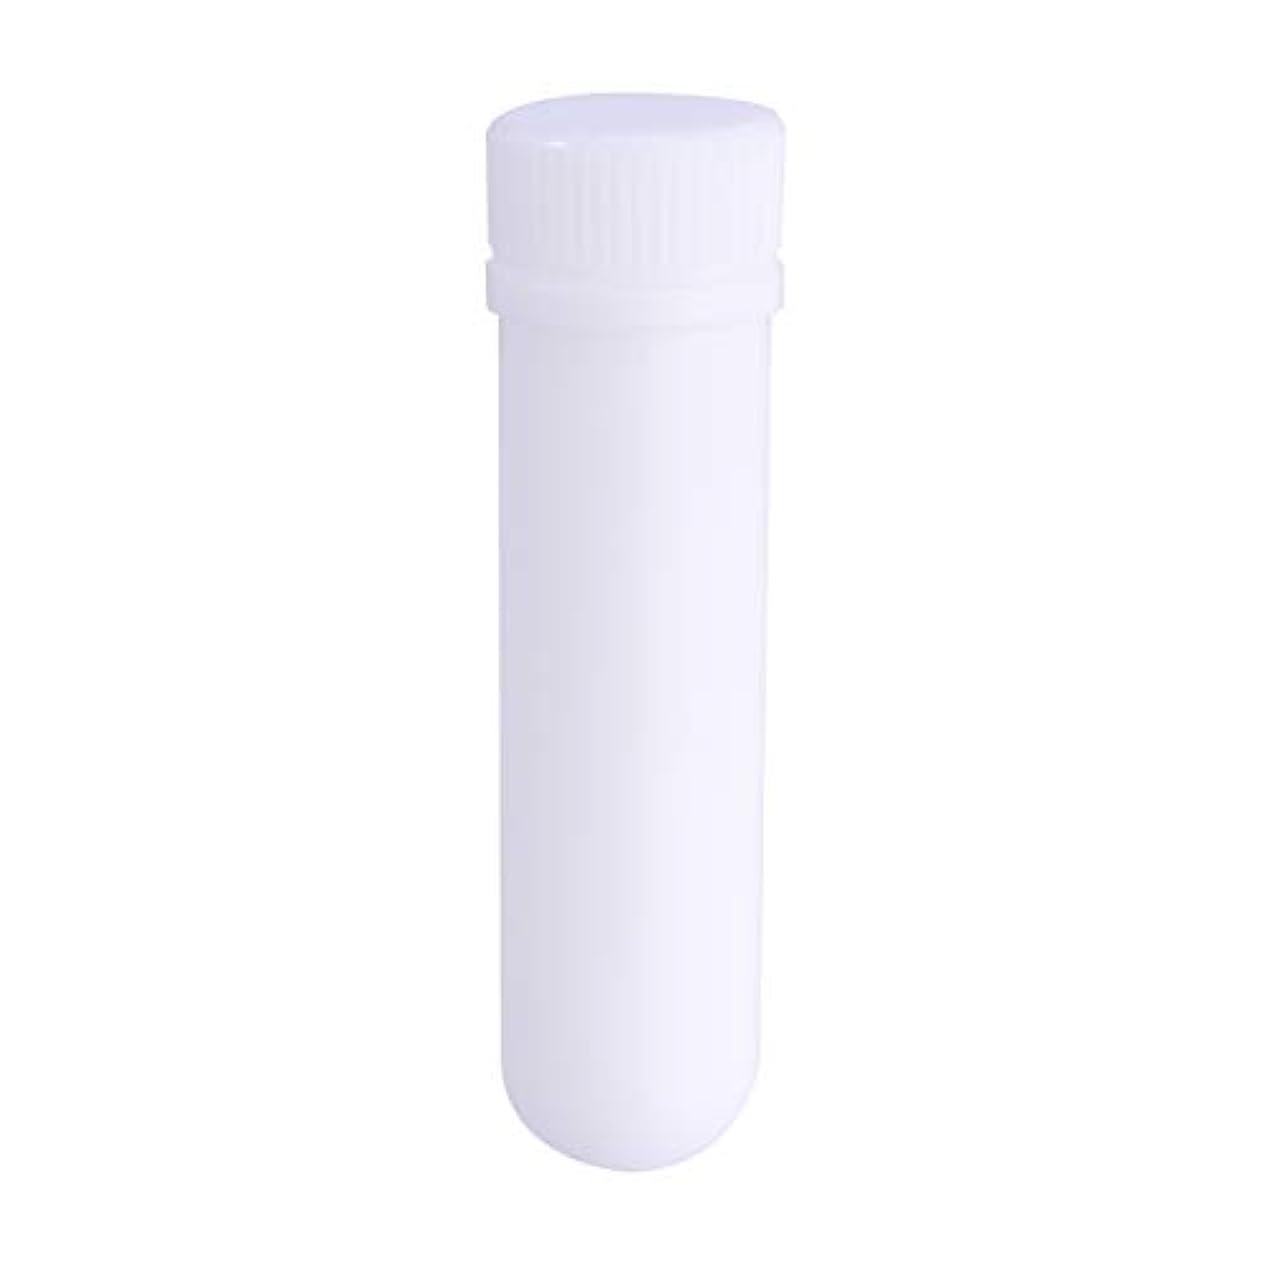 効果的ビーチ意見SUPVOX 12本エッセンシャルオイル吸入器チューブ詰め替え式鼻吸入器空のチューブ12本入り綿棒